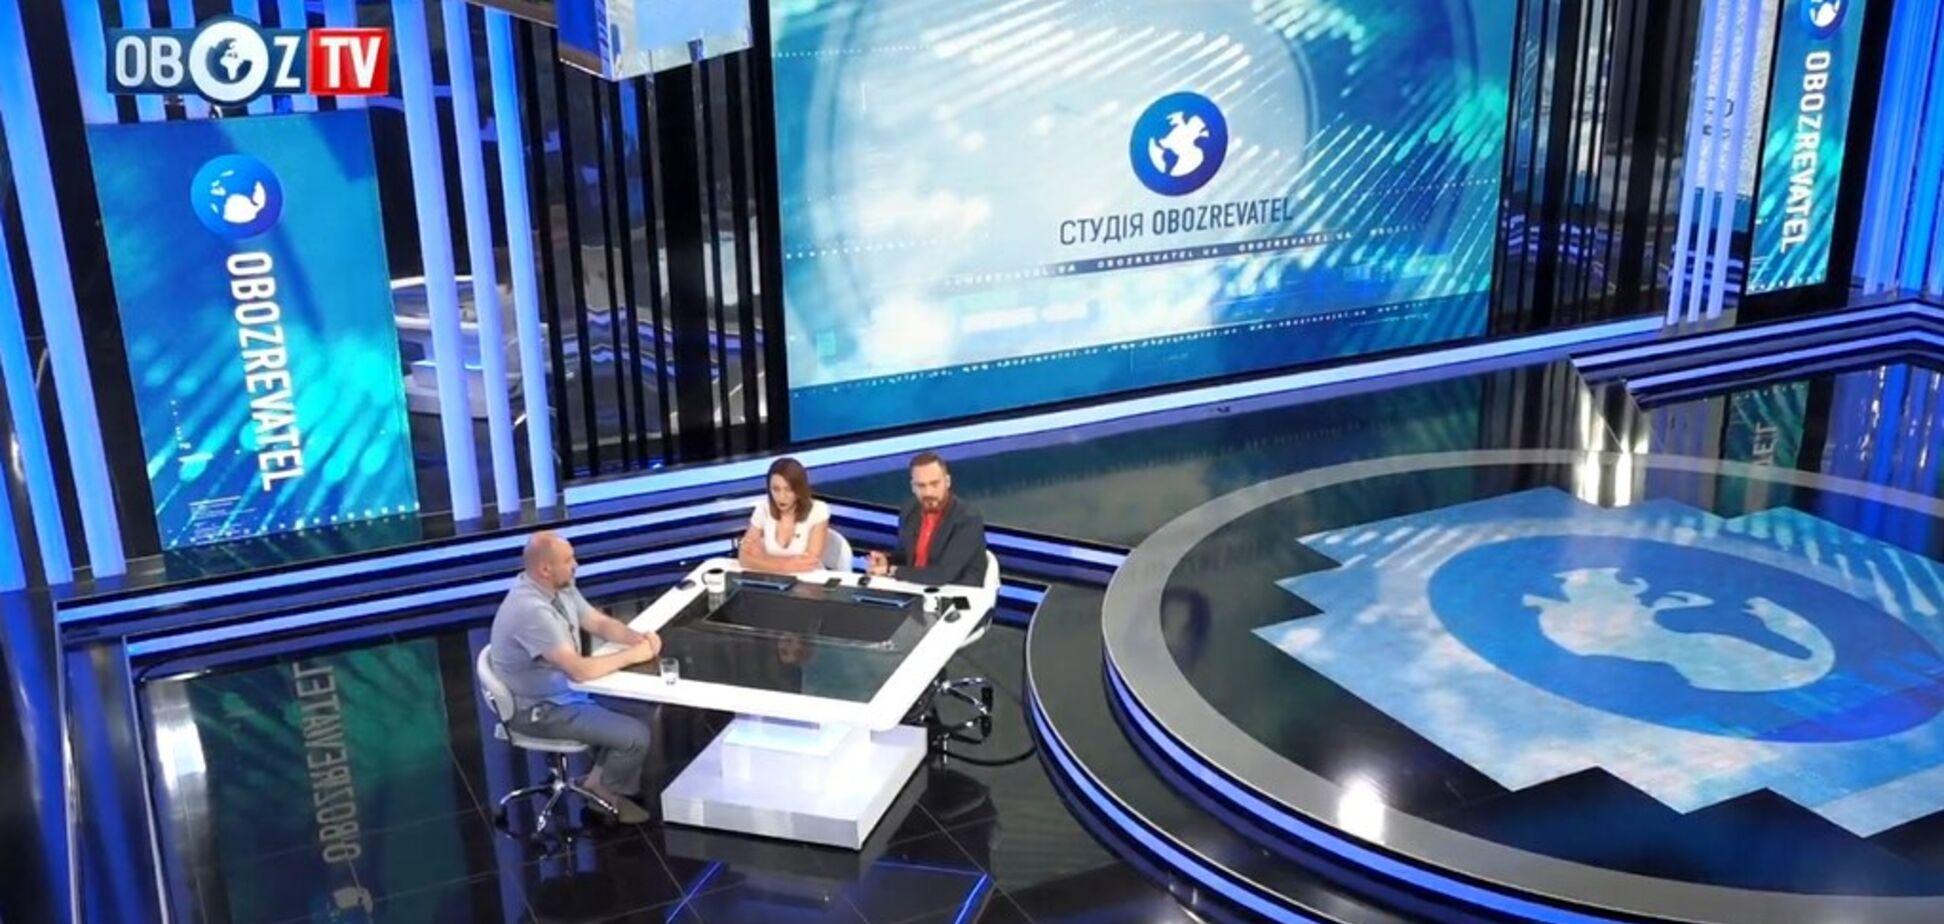 'Посадки мають бути': Зеленського закликали виконати передвиборні обіцянки